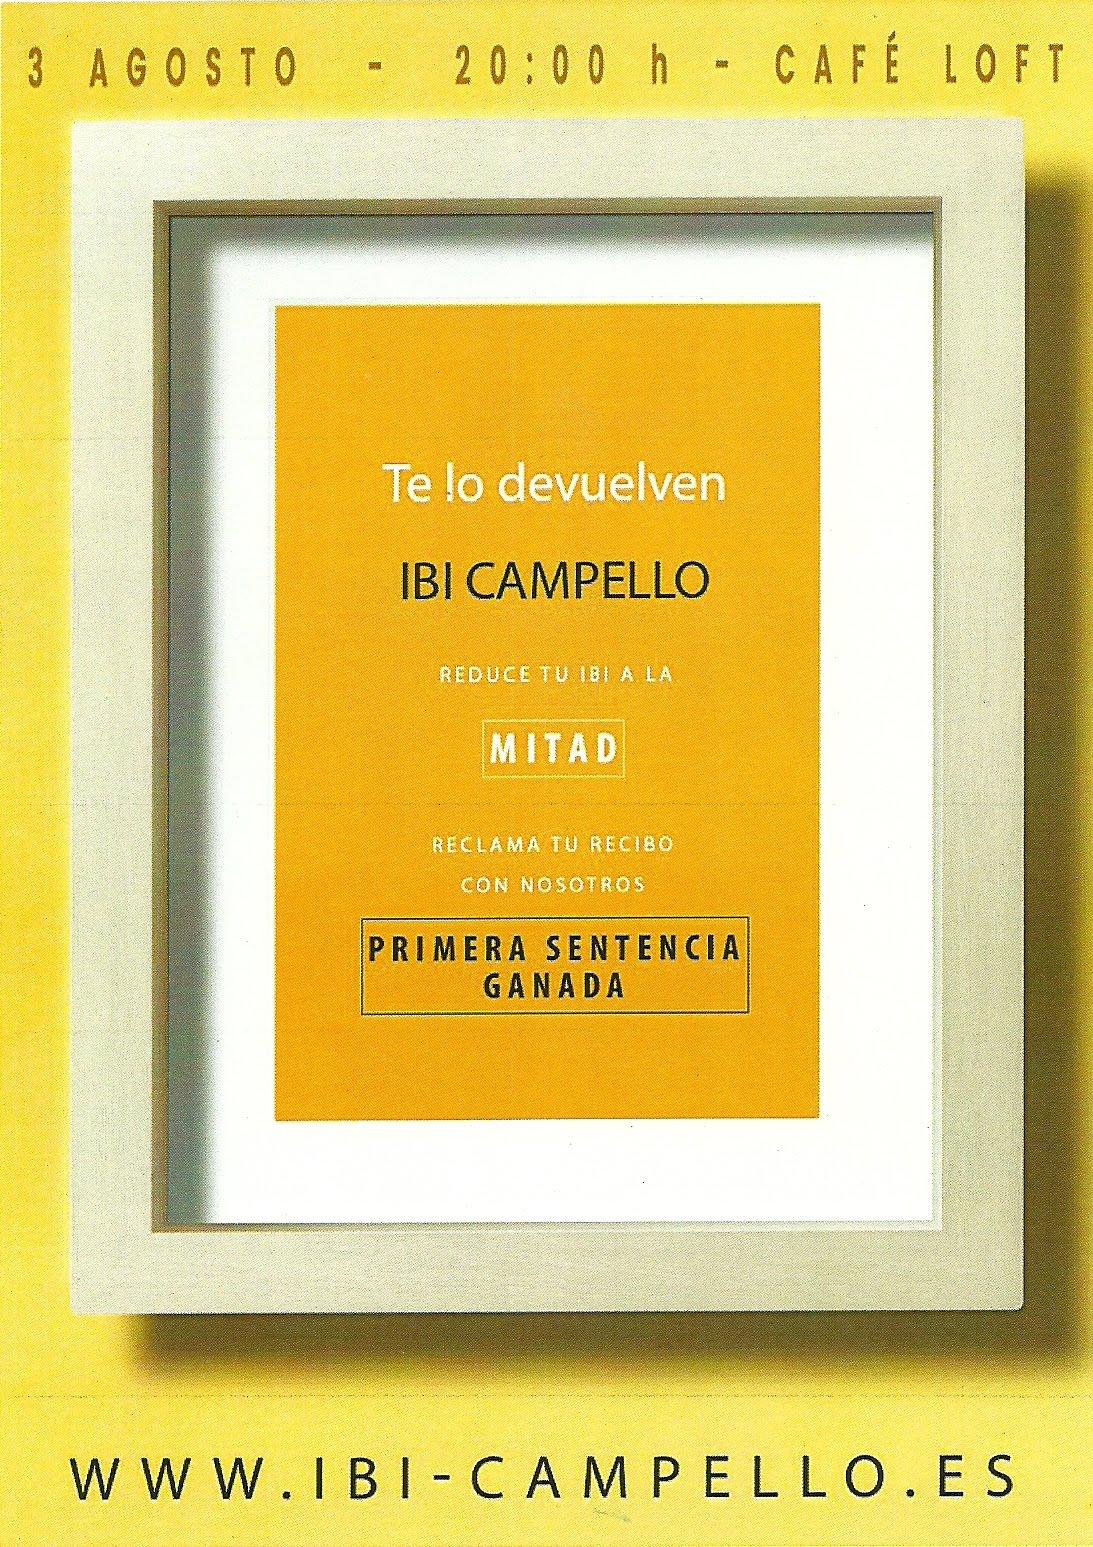 Ibi Campello